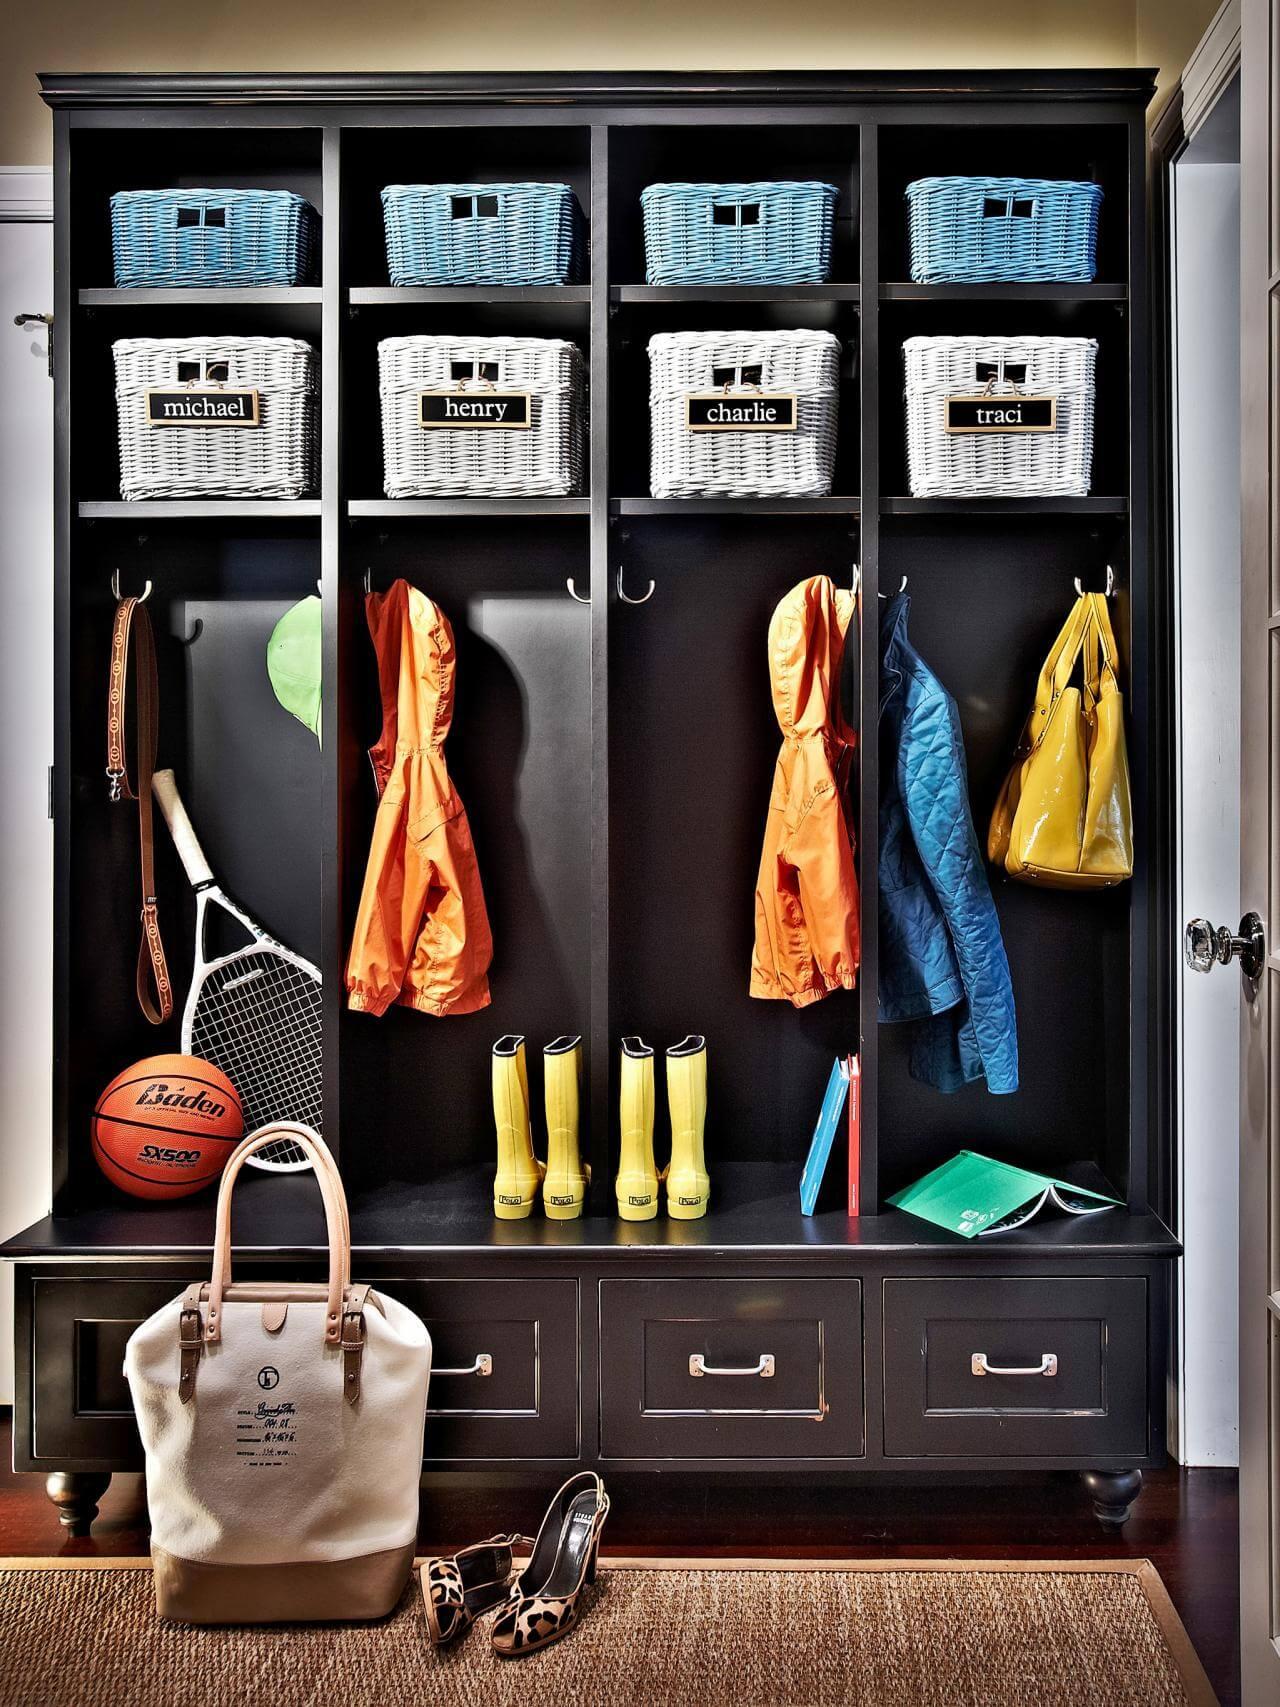 Woodworking plans mudroom lockers